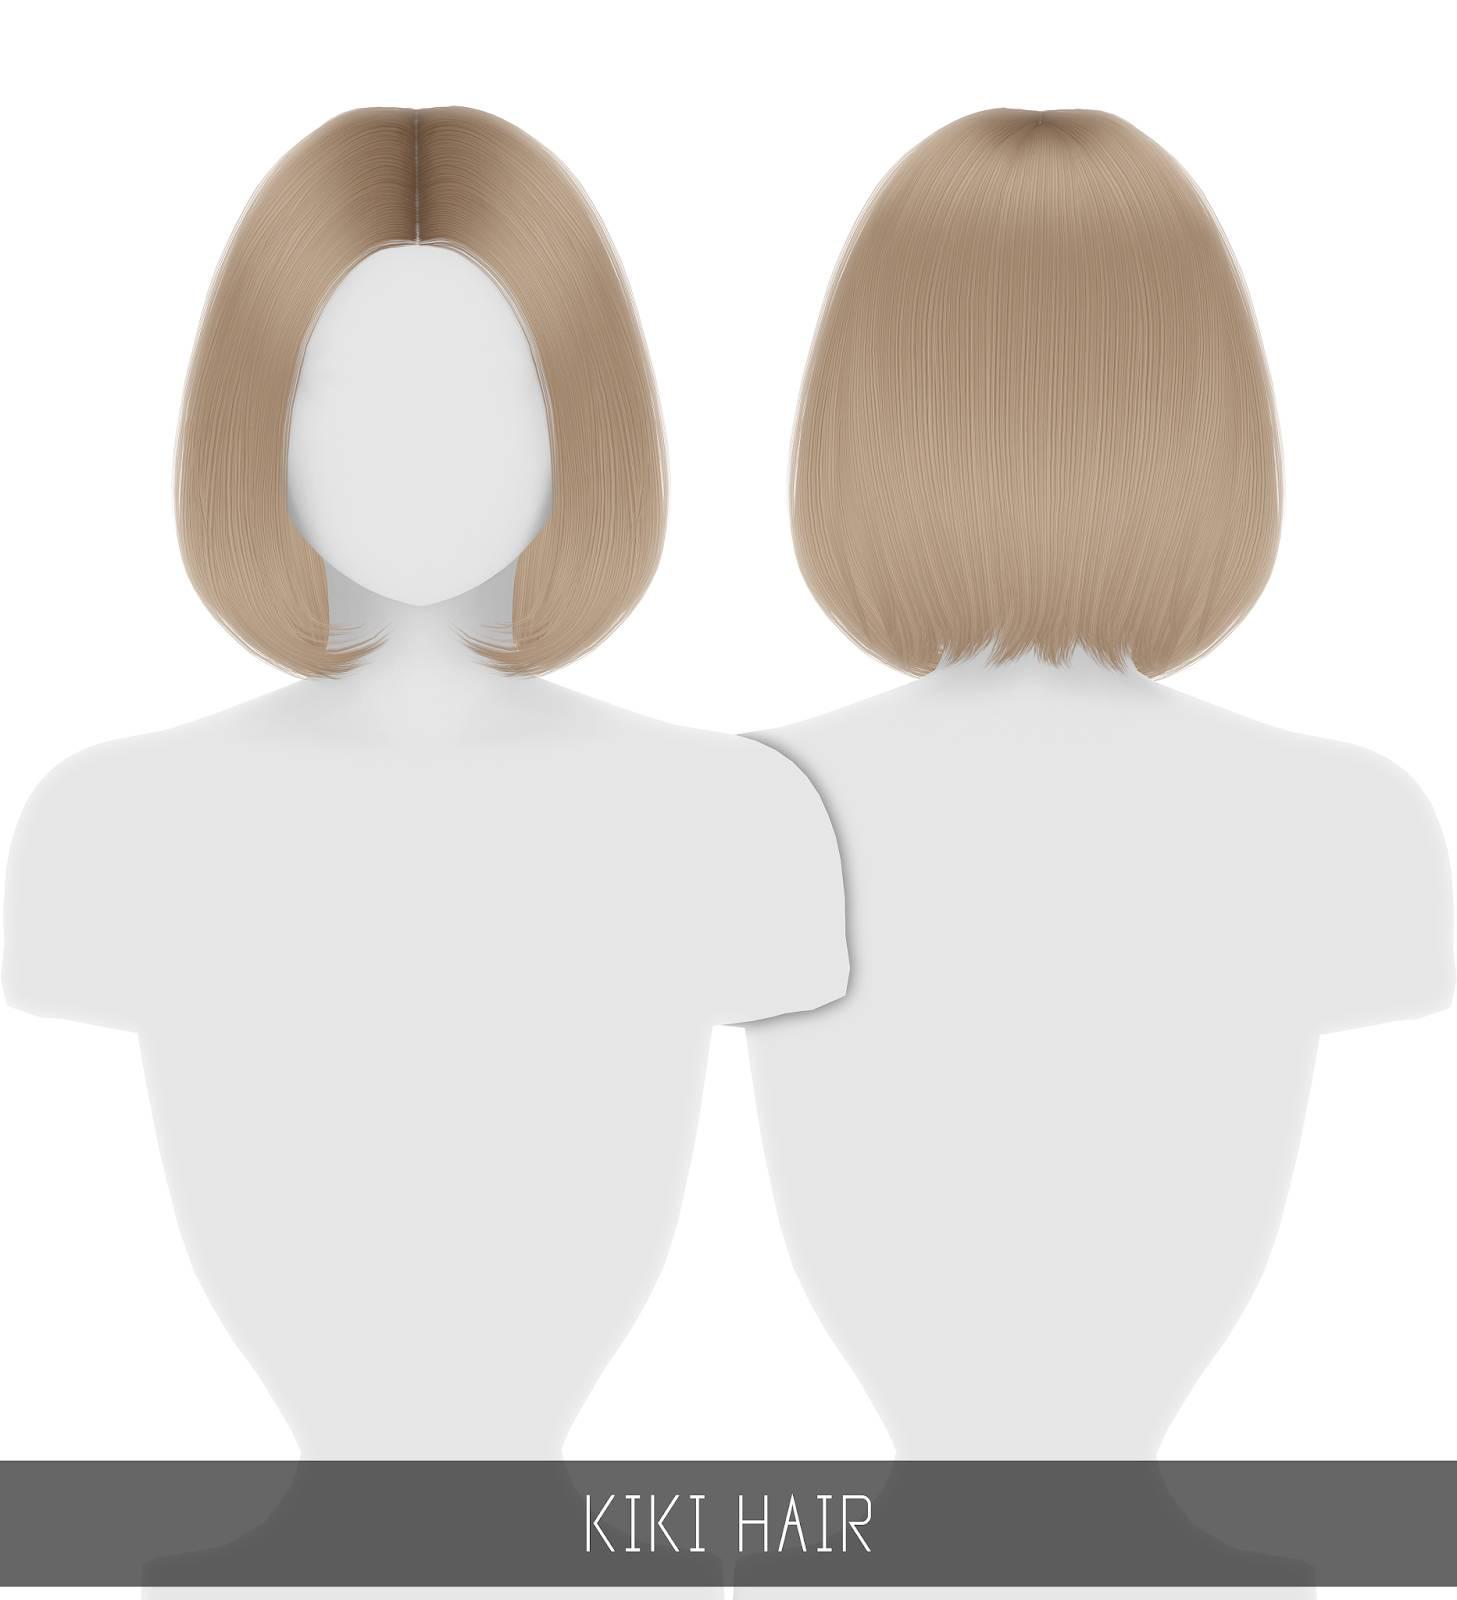 Прическа - KIKI HAIR